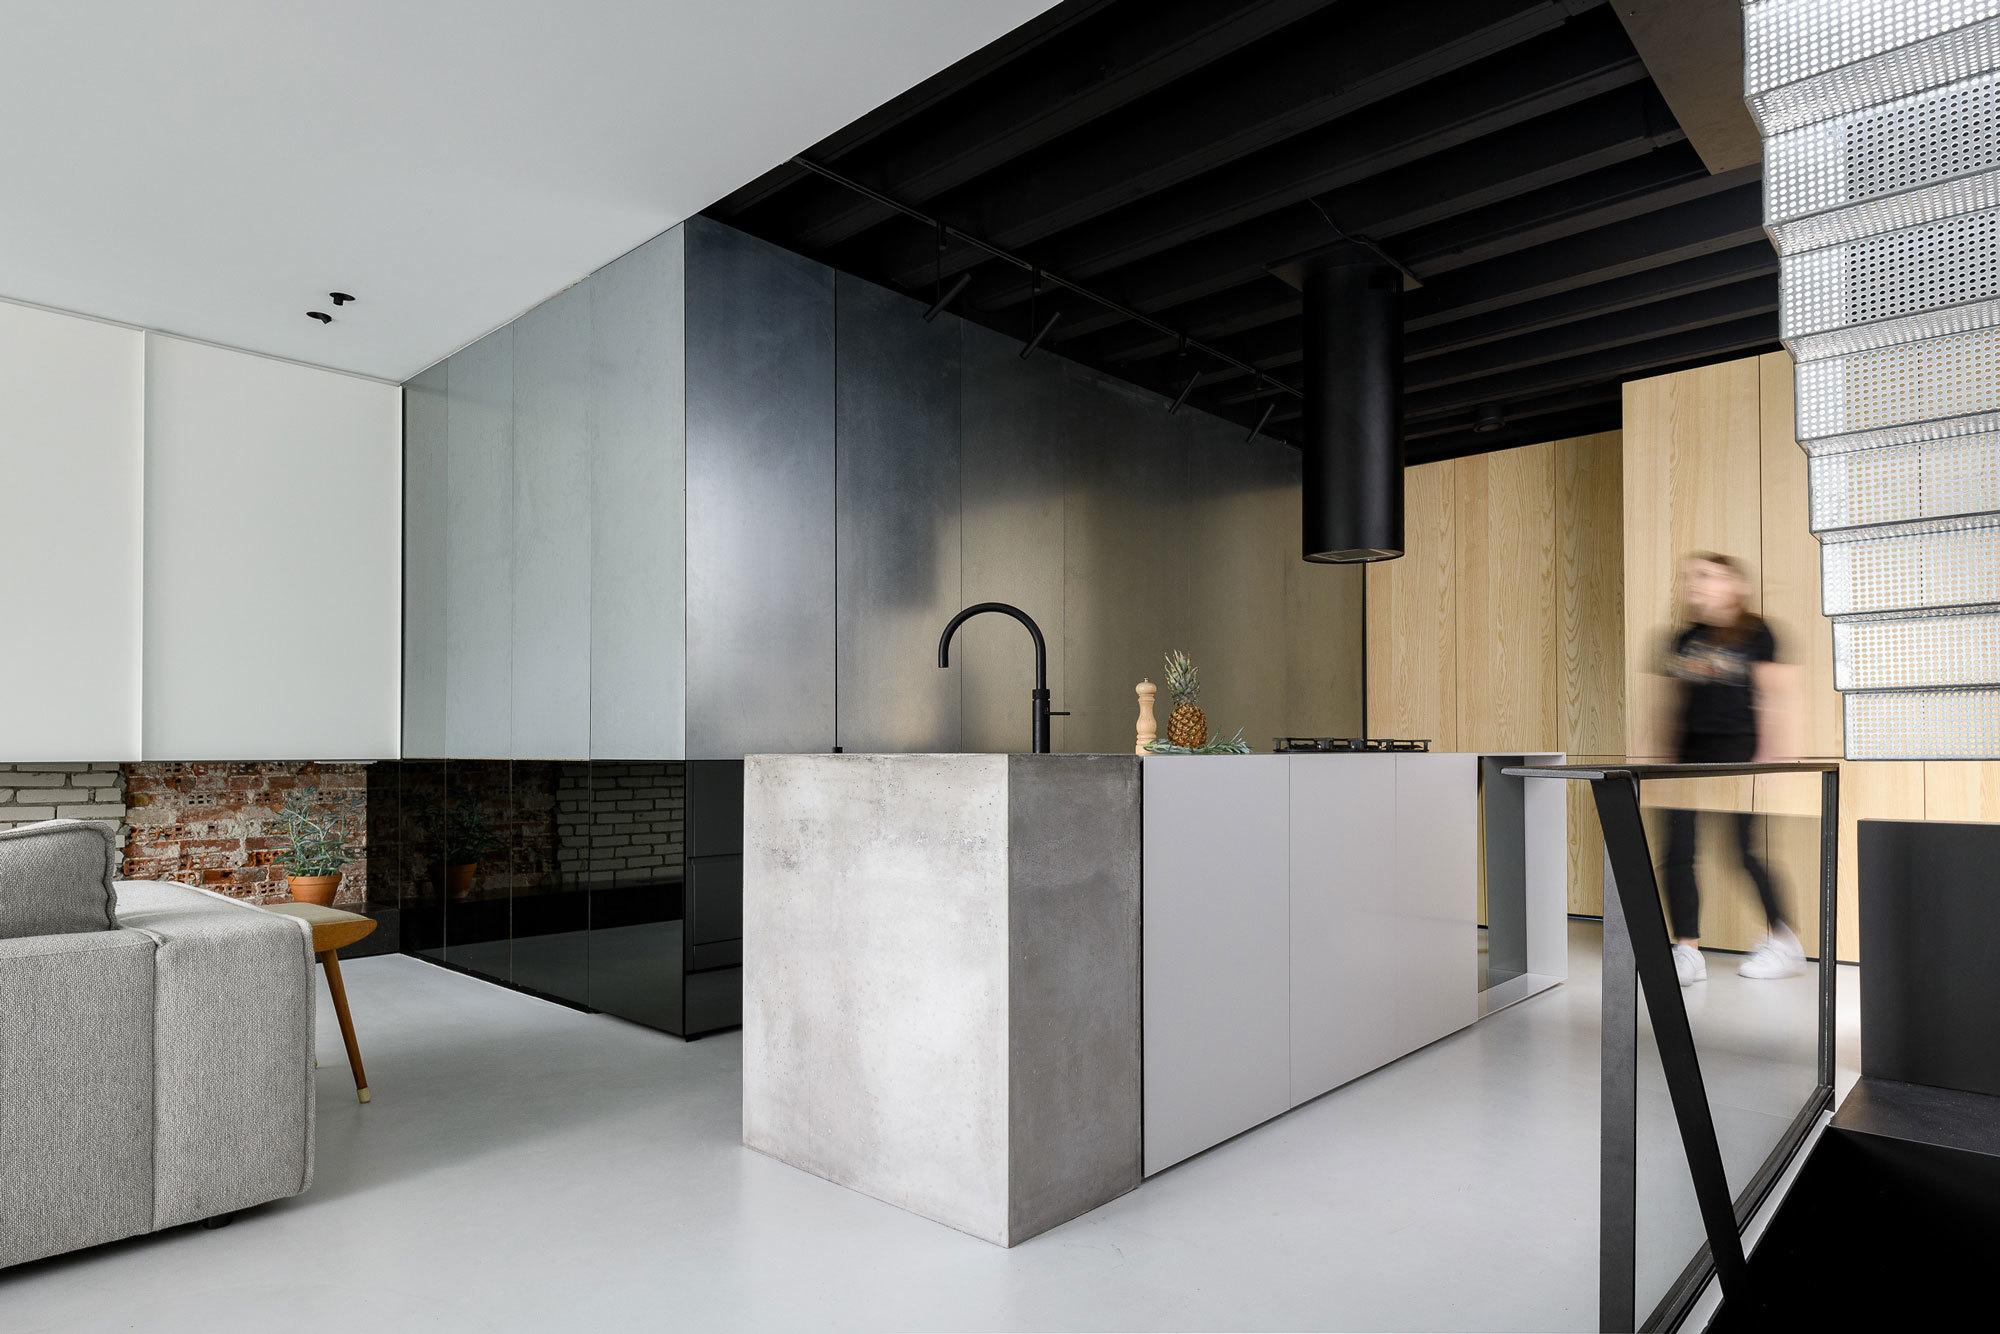 Unten alt, oben neu: Einen Amsterdamer Dachboden transformierten Firm architects zum Loft-Apartment, in dem Vergangenheit und Zukunft aufeinander treffen.